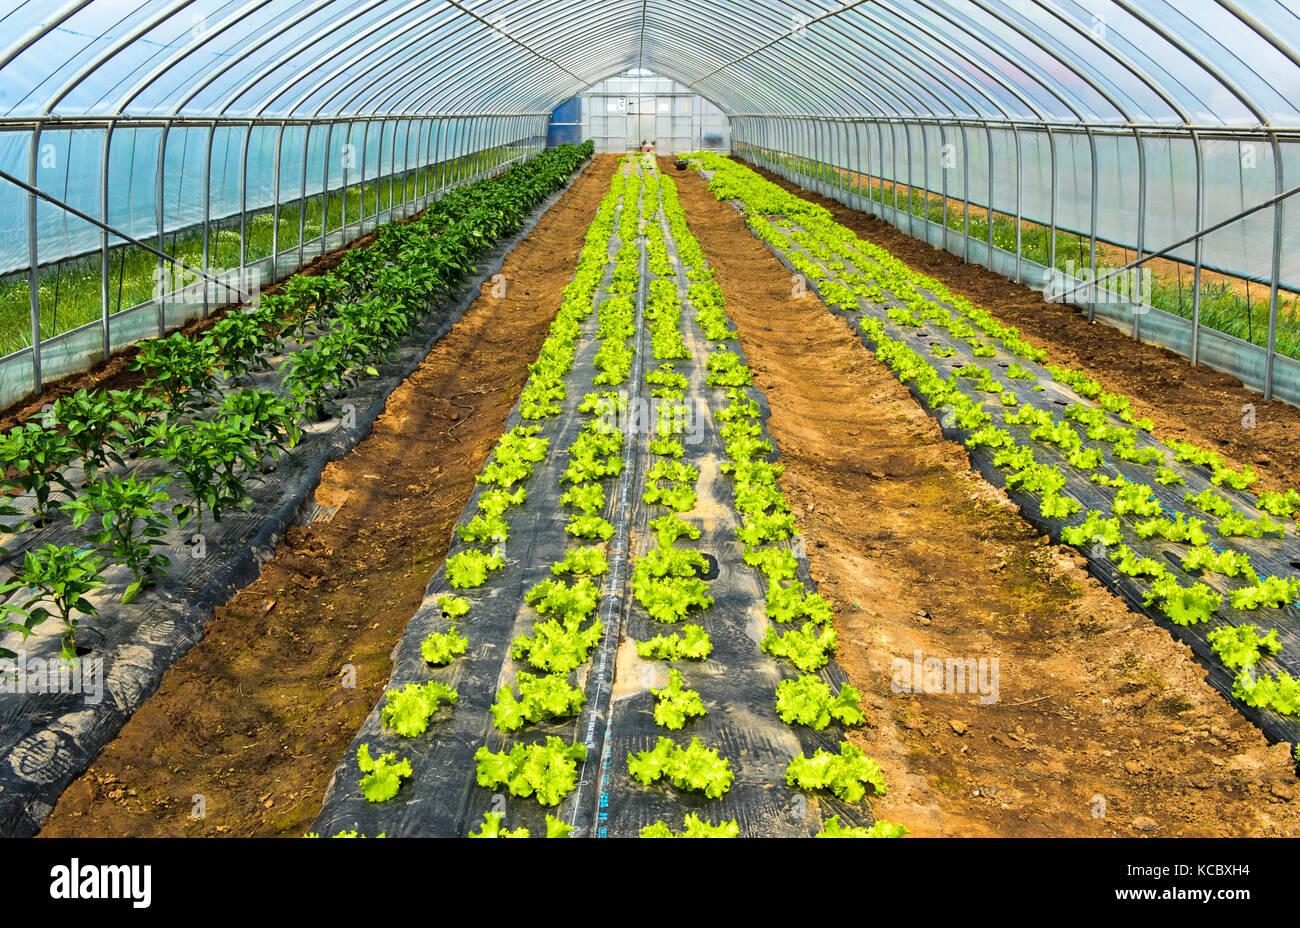 Coltivazione di lattuga in lamina tunnel, azienda agricola quotidiana llc, songino khairkhan, Mongolia Immagini Stock